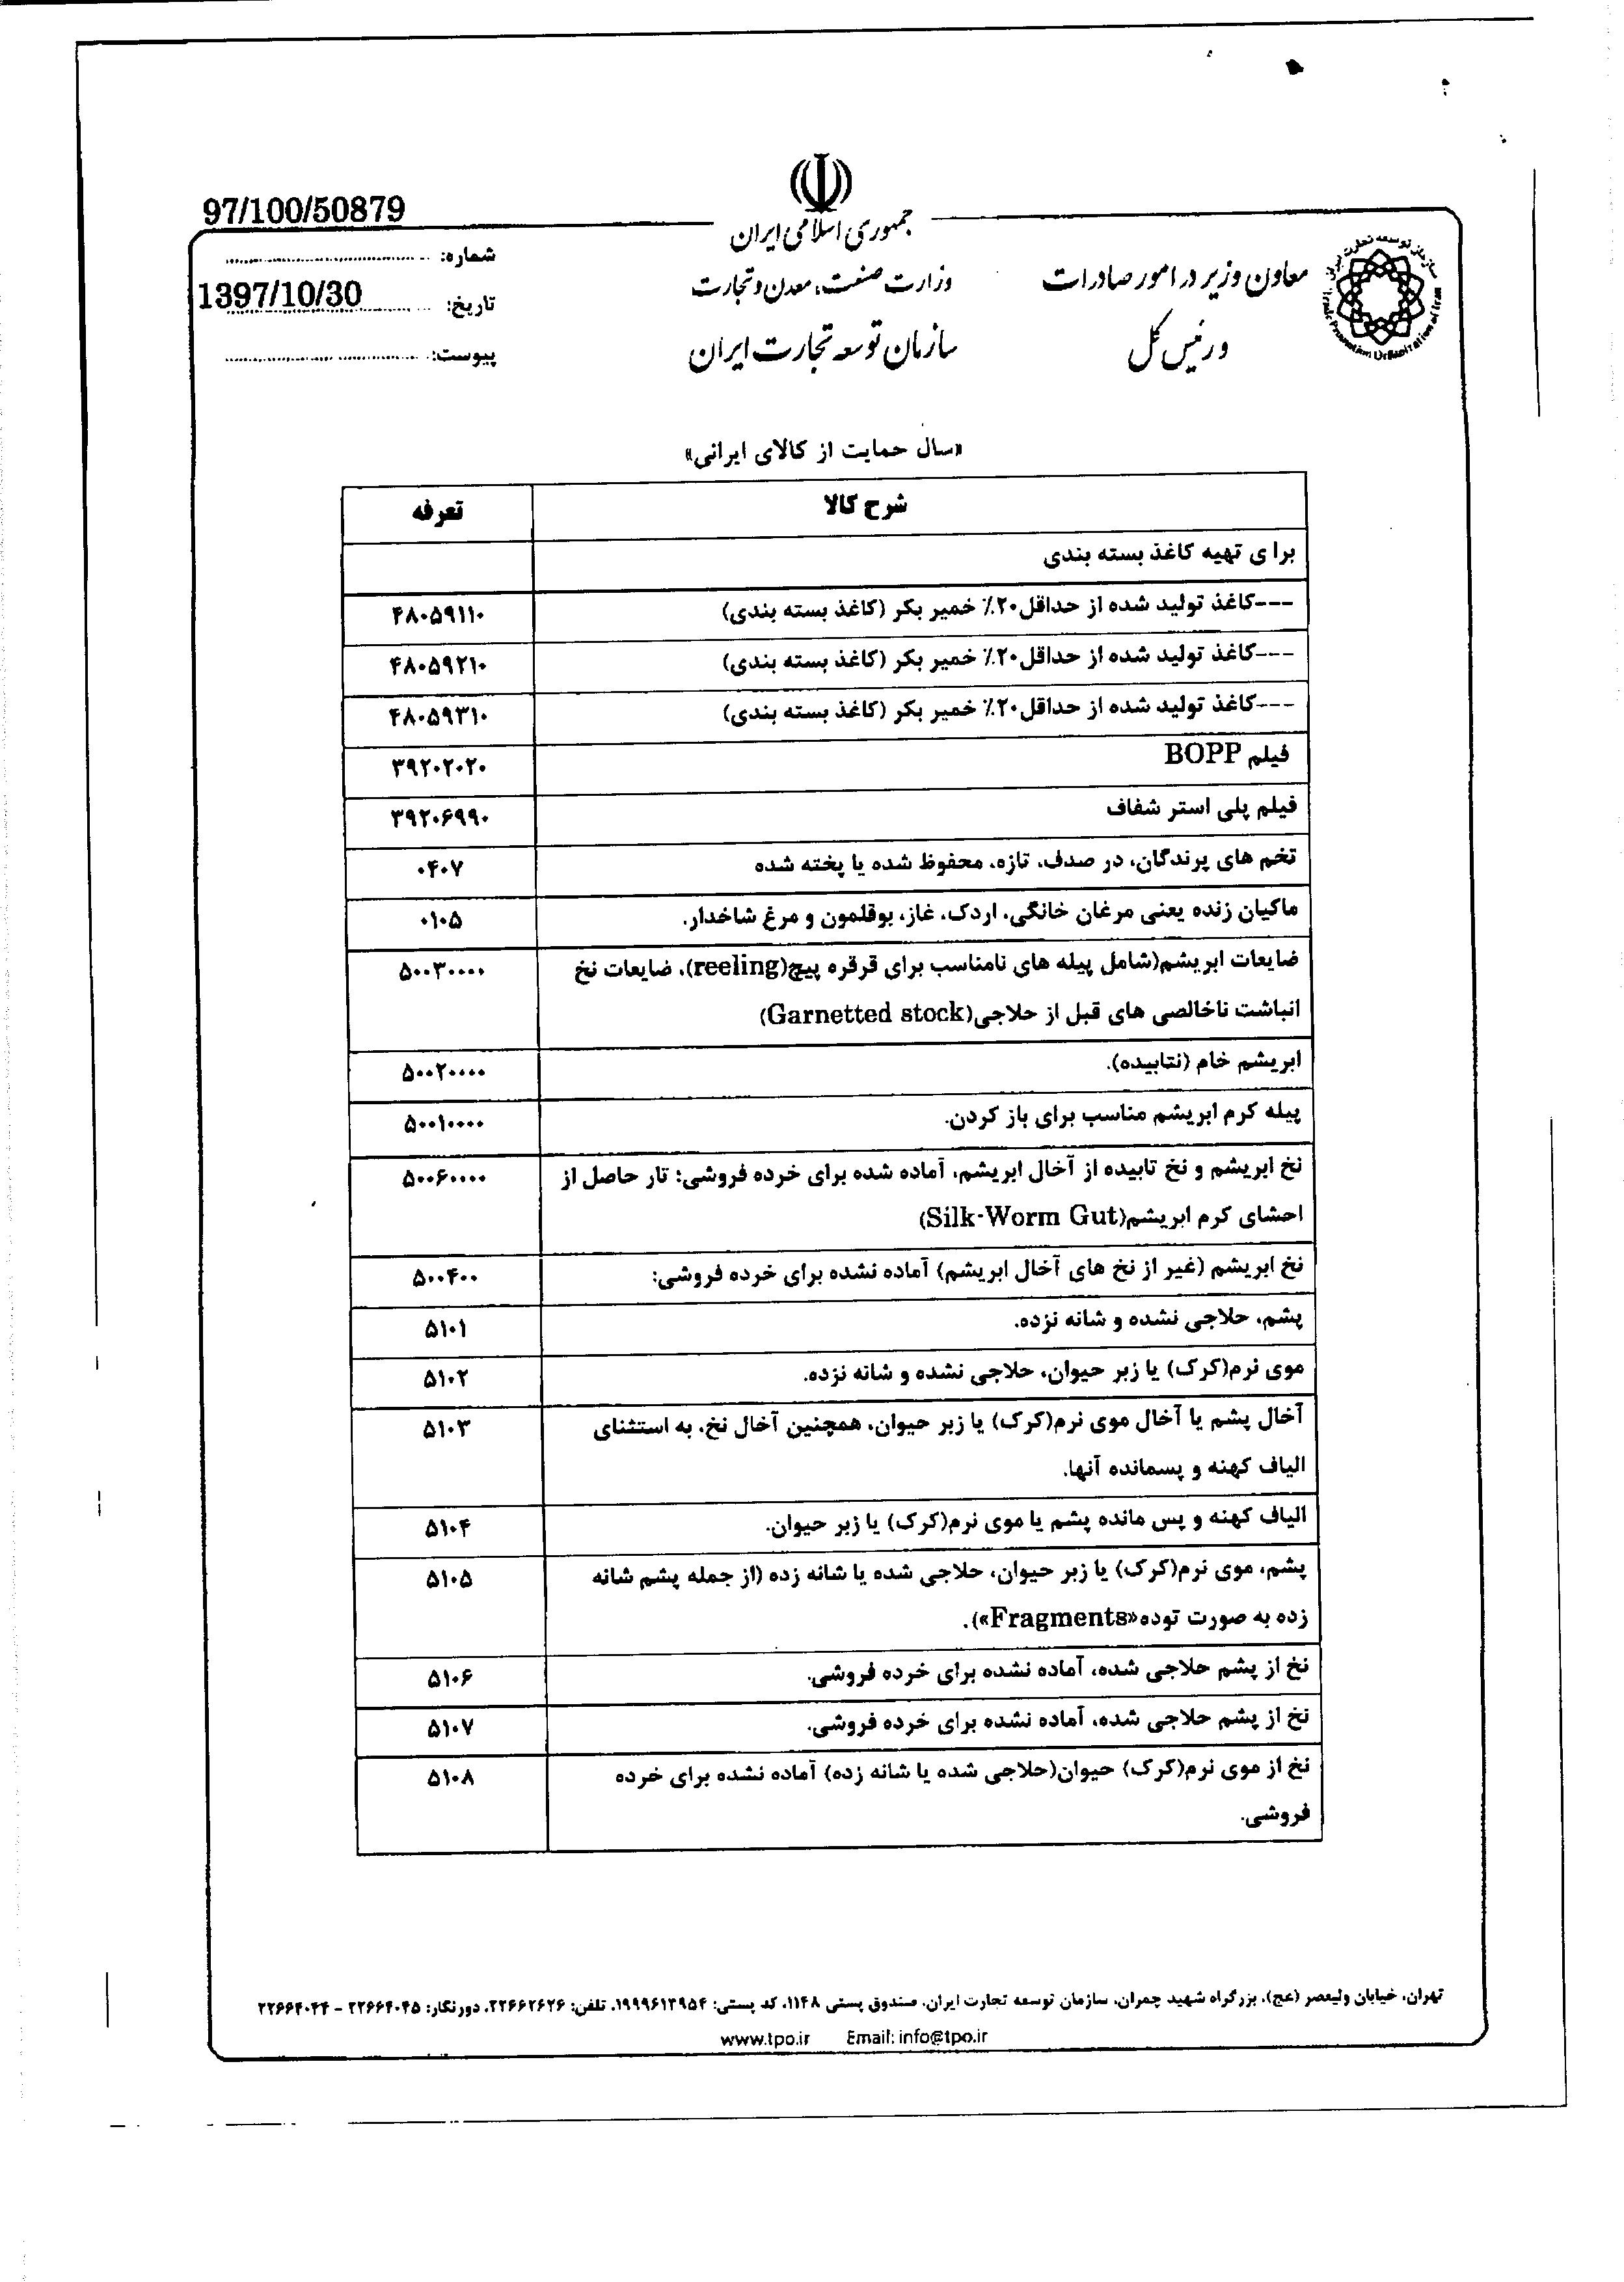 صادرات گوجه آزاد شد - 7